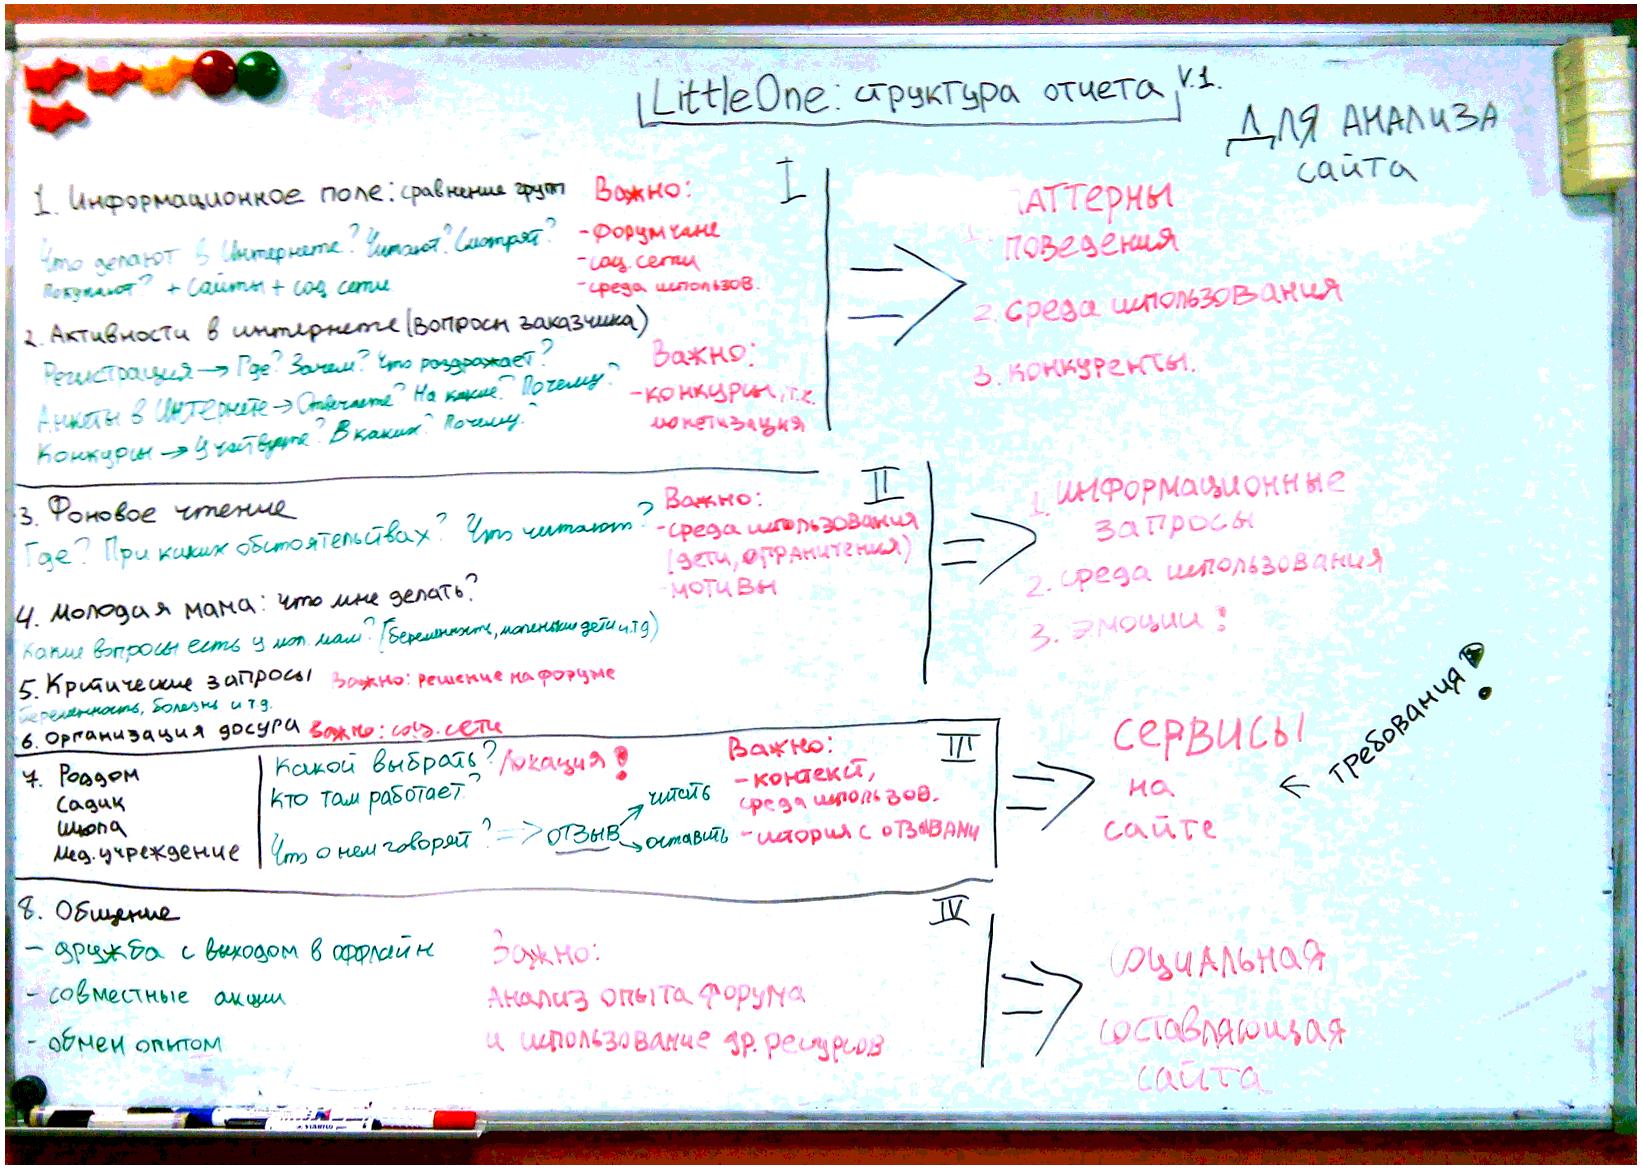 Визуализация внутреннего брейншторма по структуре отчета | SobakaPav.ru